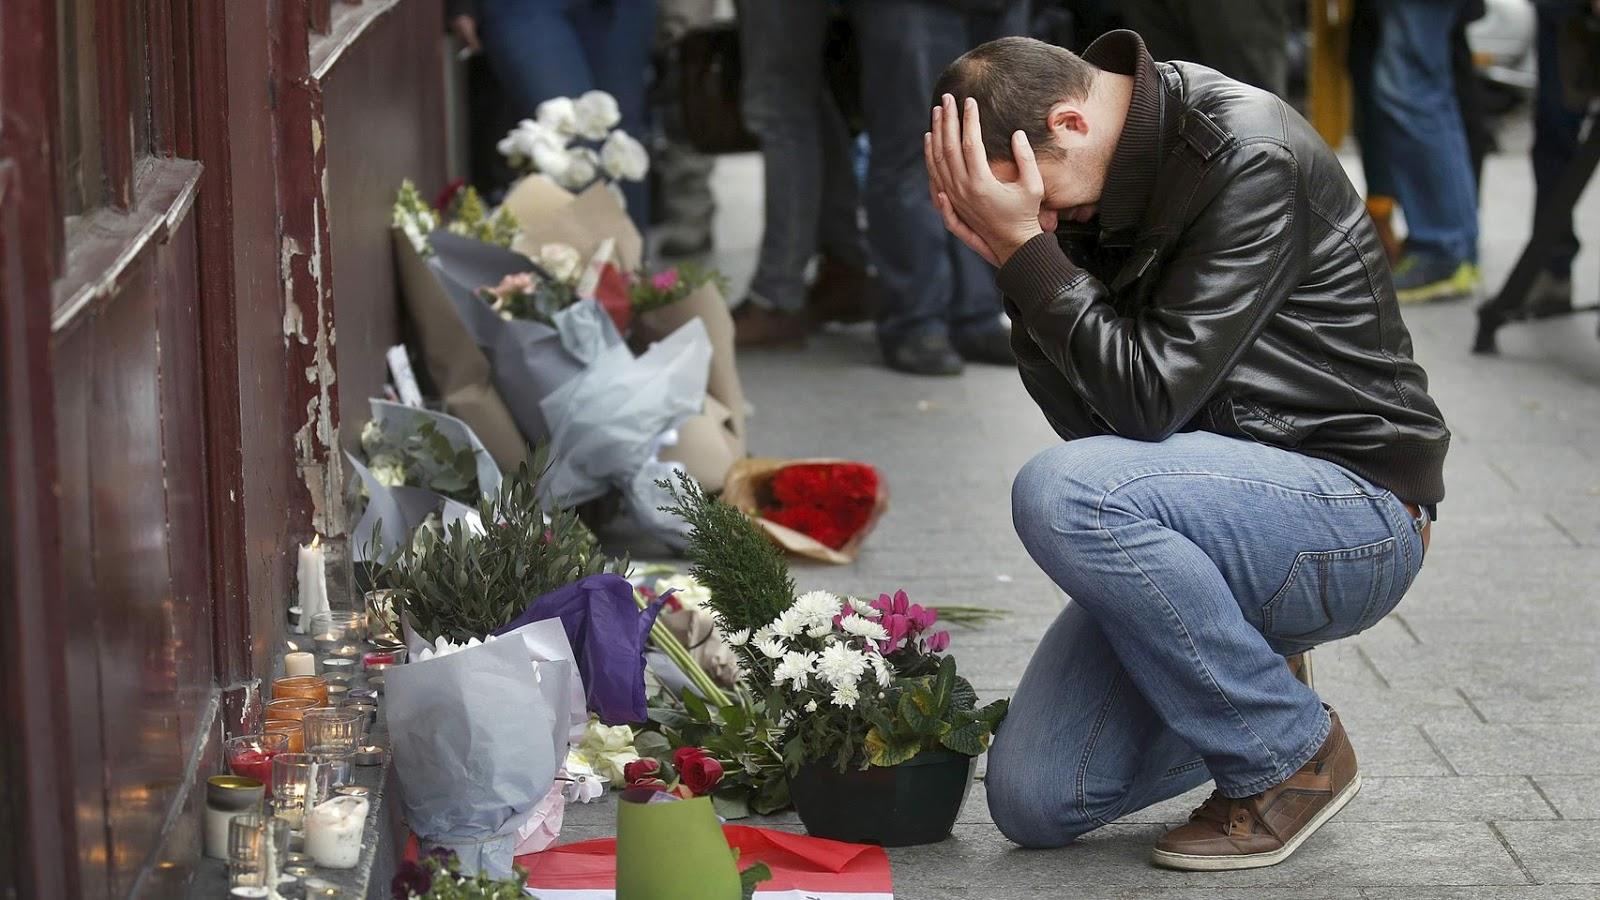 Ataque terrorista en París, Francia, perpetrado por islamistas, el viernes 13 de noviembre de 2015. Otra vez la religión demostrando que no sirve para nada | Ximinia